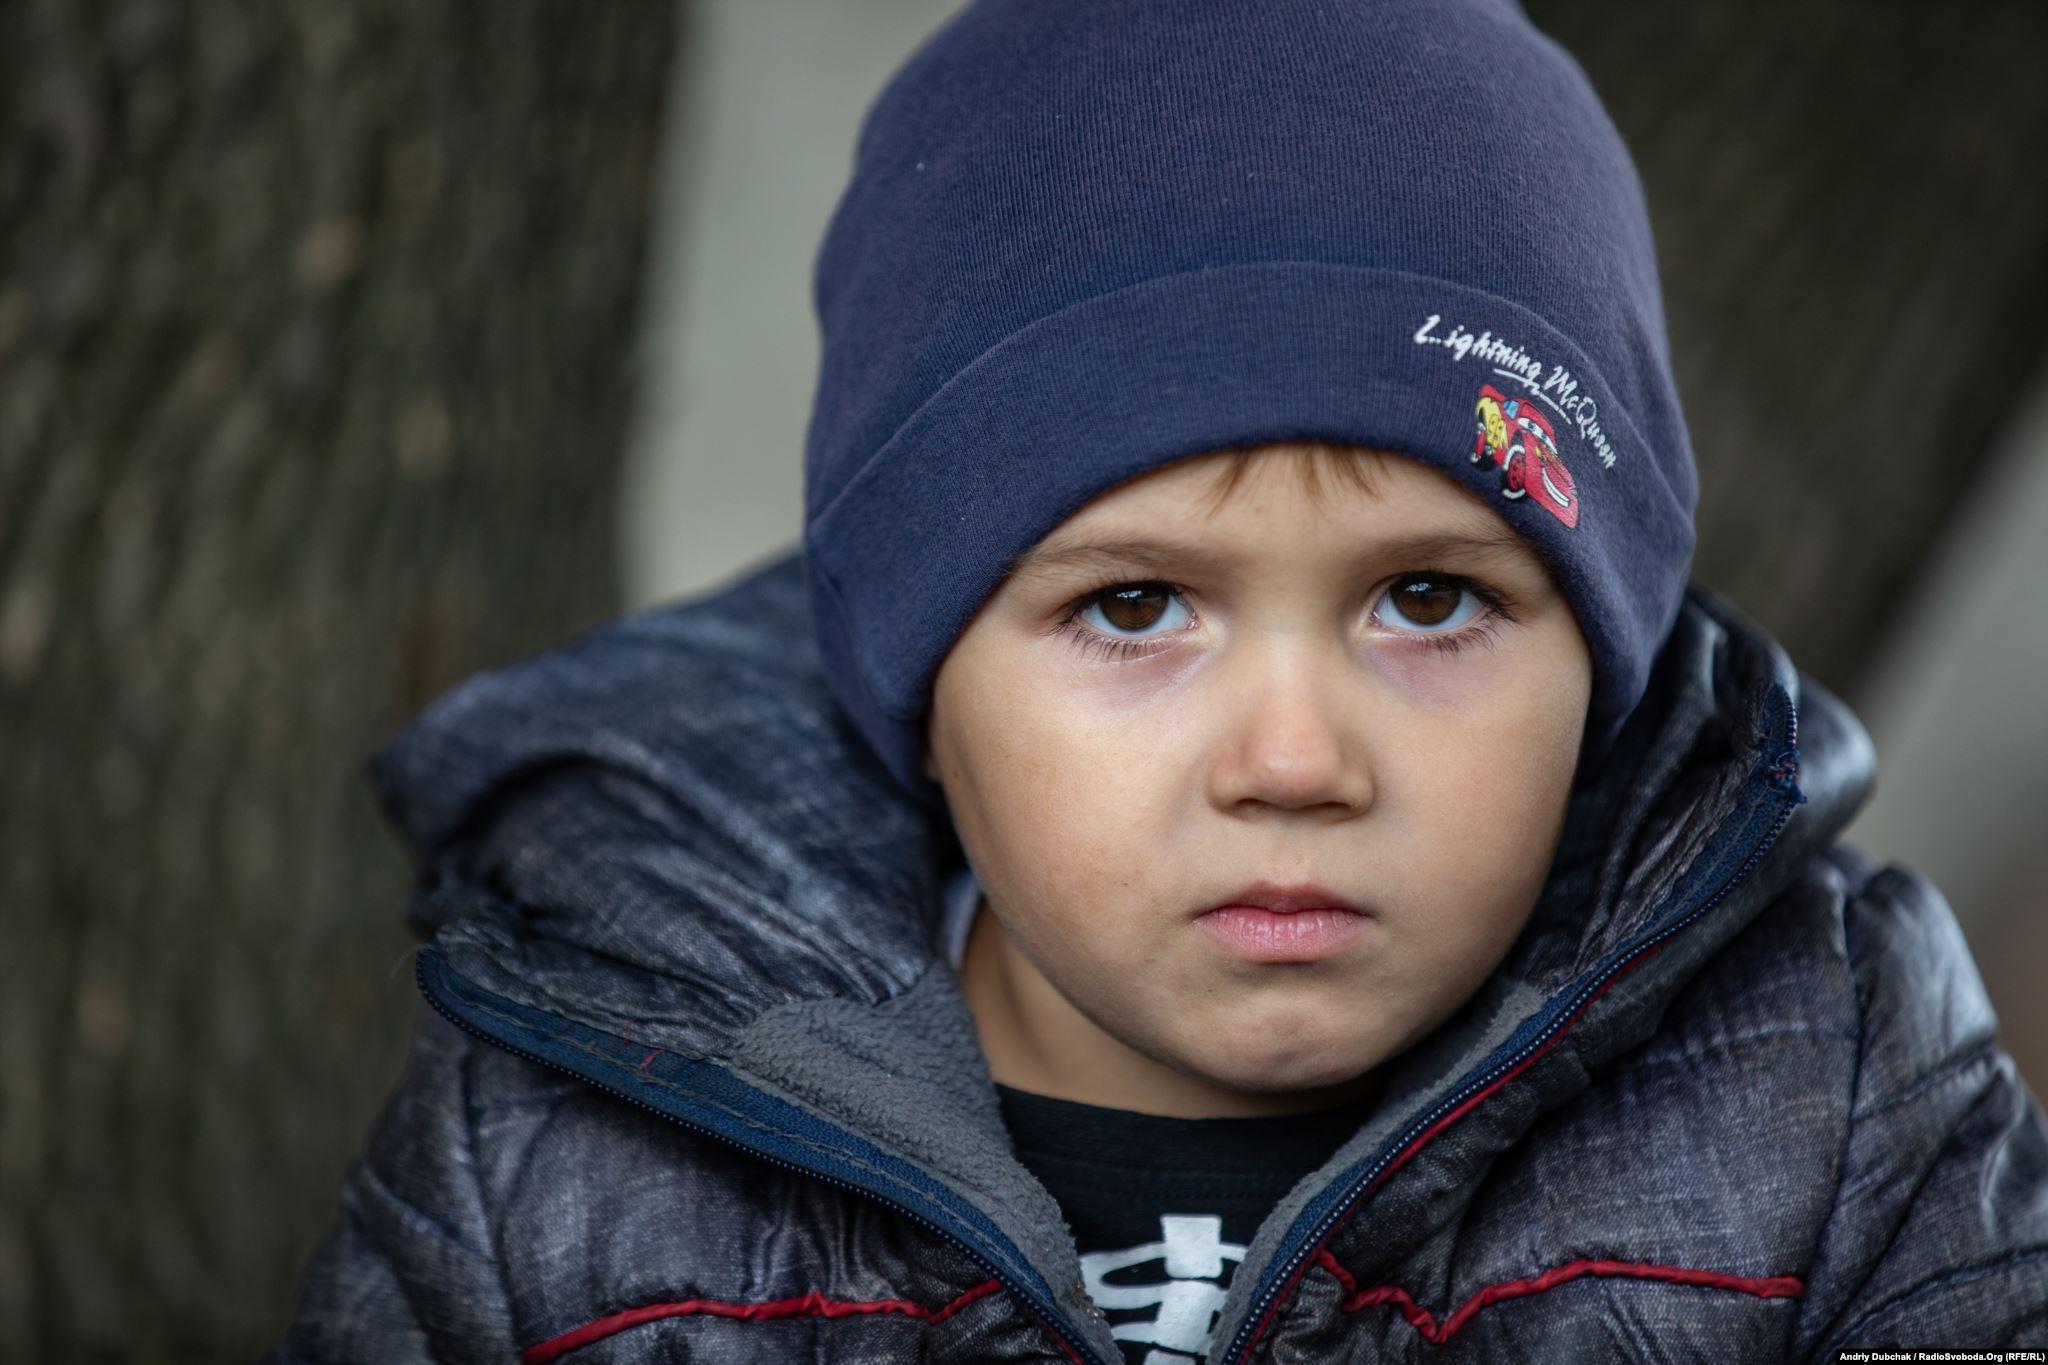 Війна в Україні. Діти на лінії фронту. Фото: Andriy Dubchak